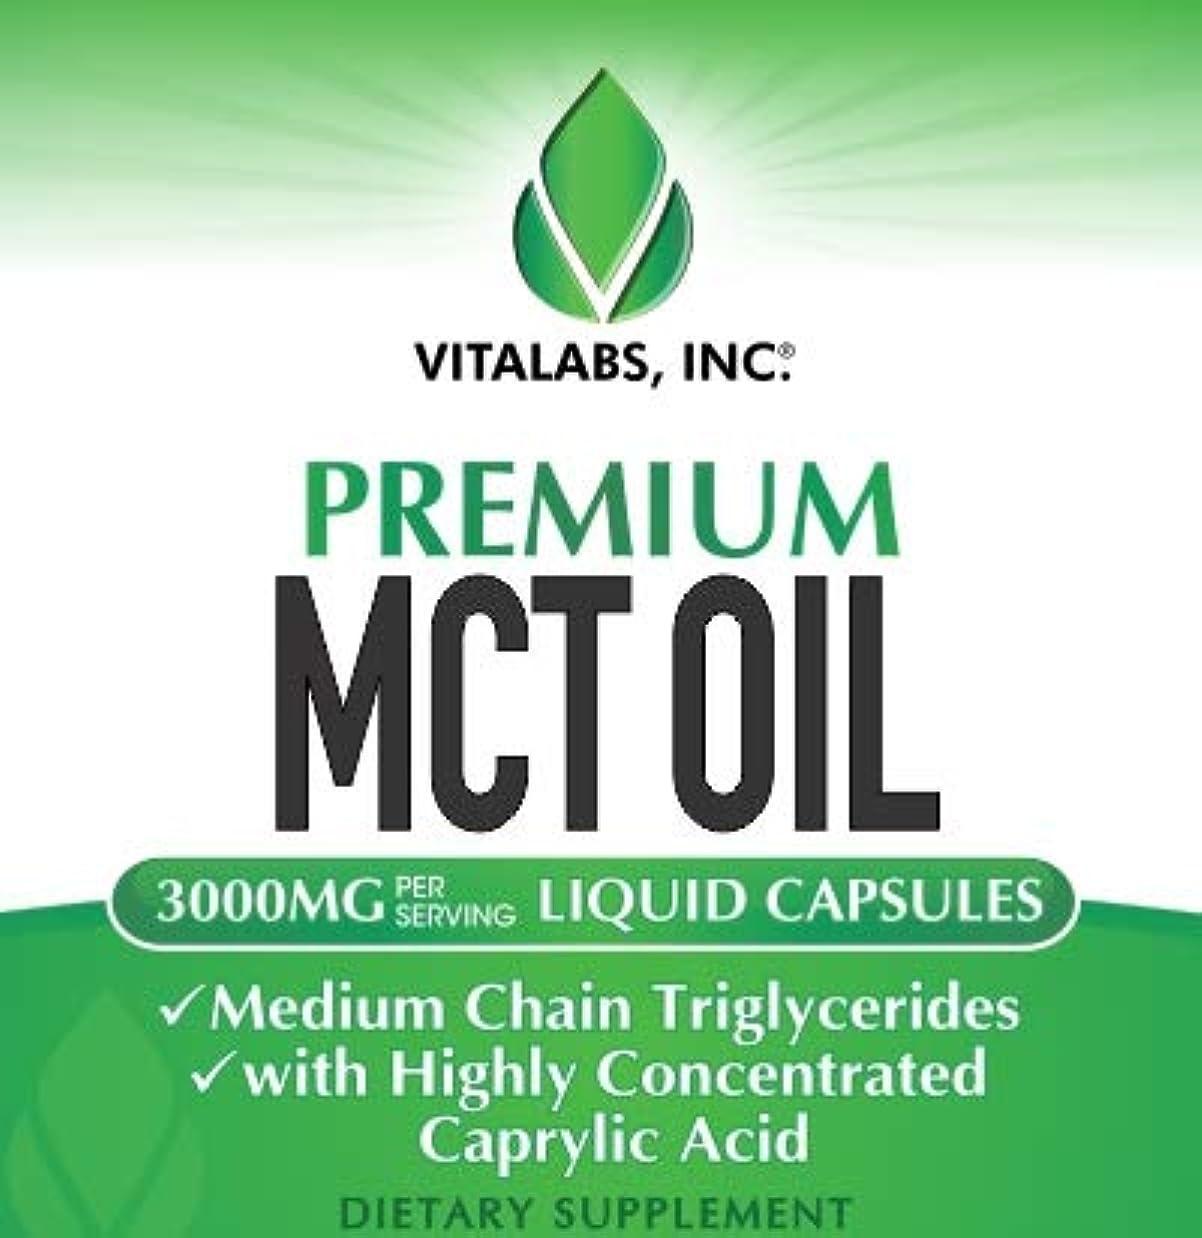 衰える歩行者政策取りやすいジェルカプセルタイプ?ココナッツ由来-MCT オイル/3000mg(1Serving=4カプセル) 120Capsules 【Vitalabs.MCT Oil】 (1)